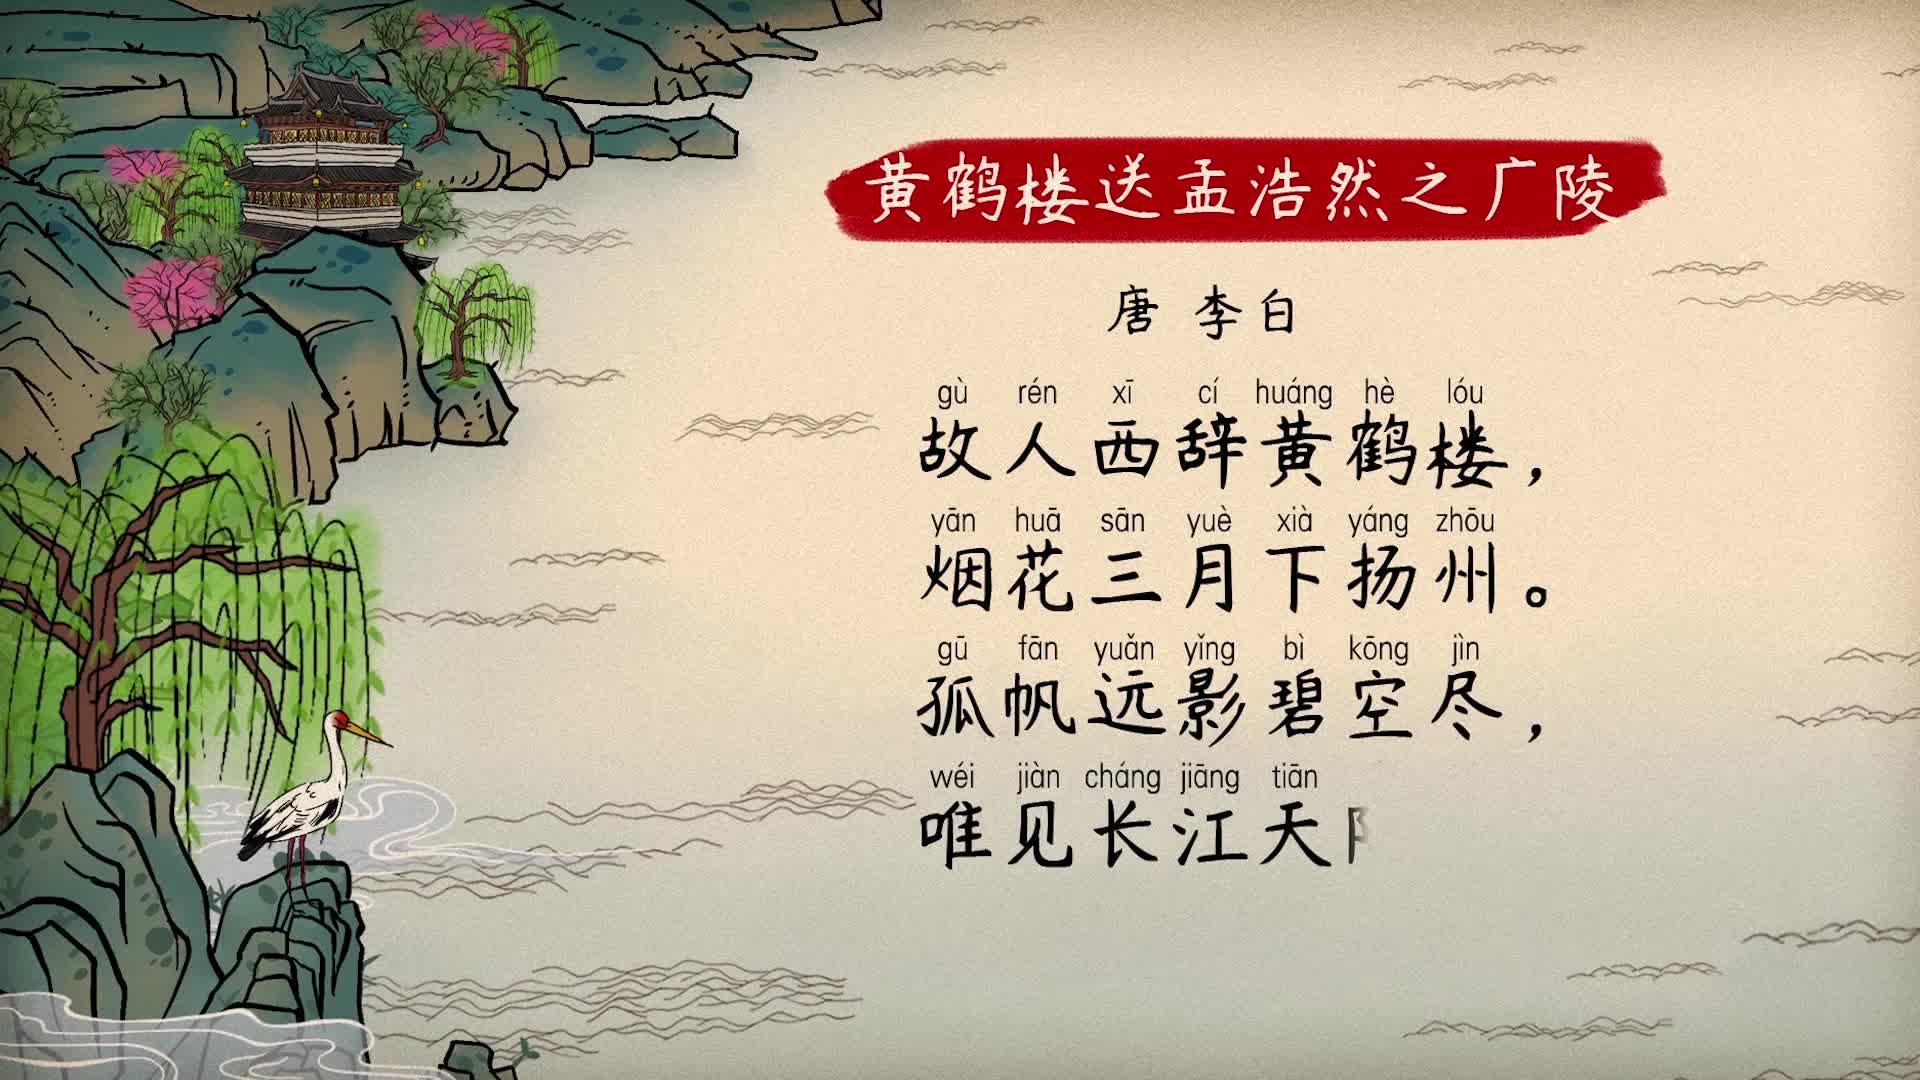 《小学古诗》84黄鹤楼送孟浩然之广陵-唐 李白